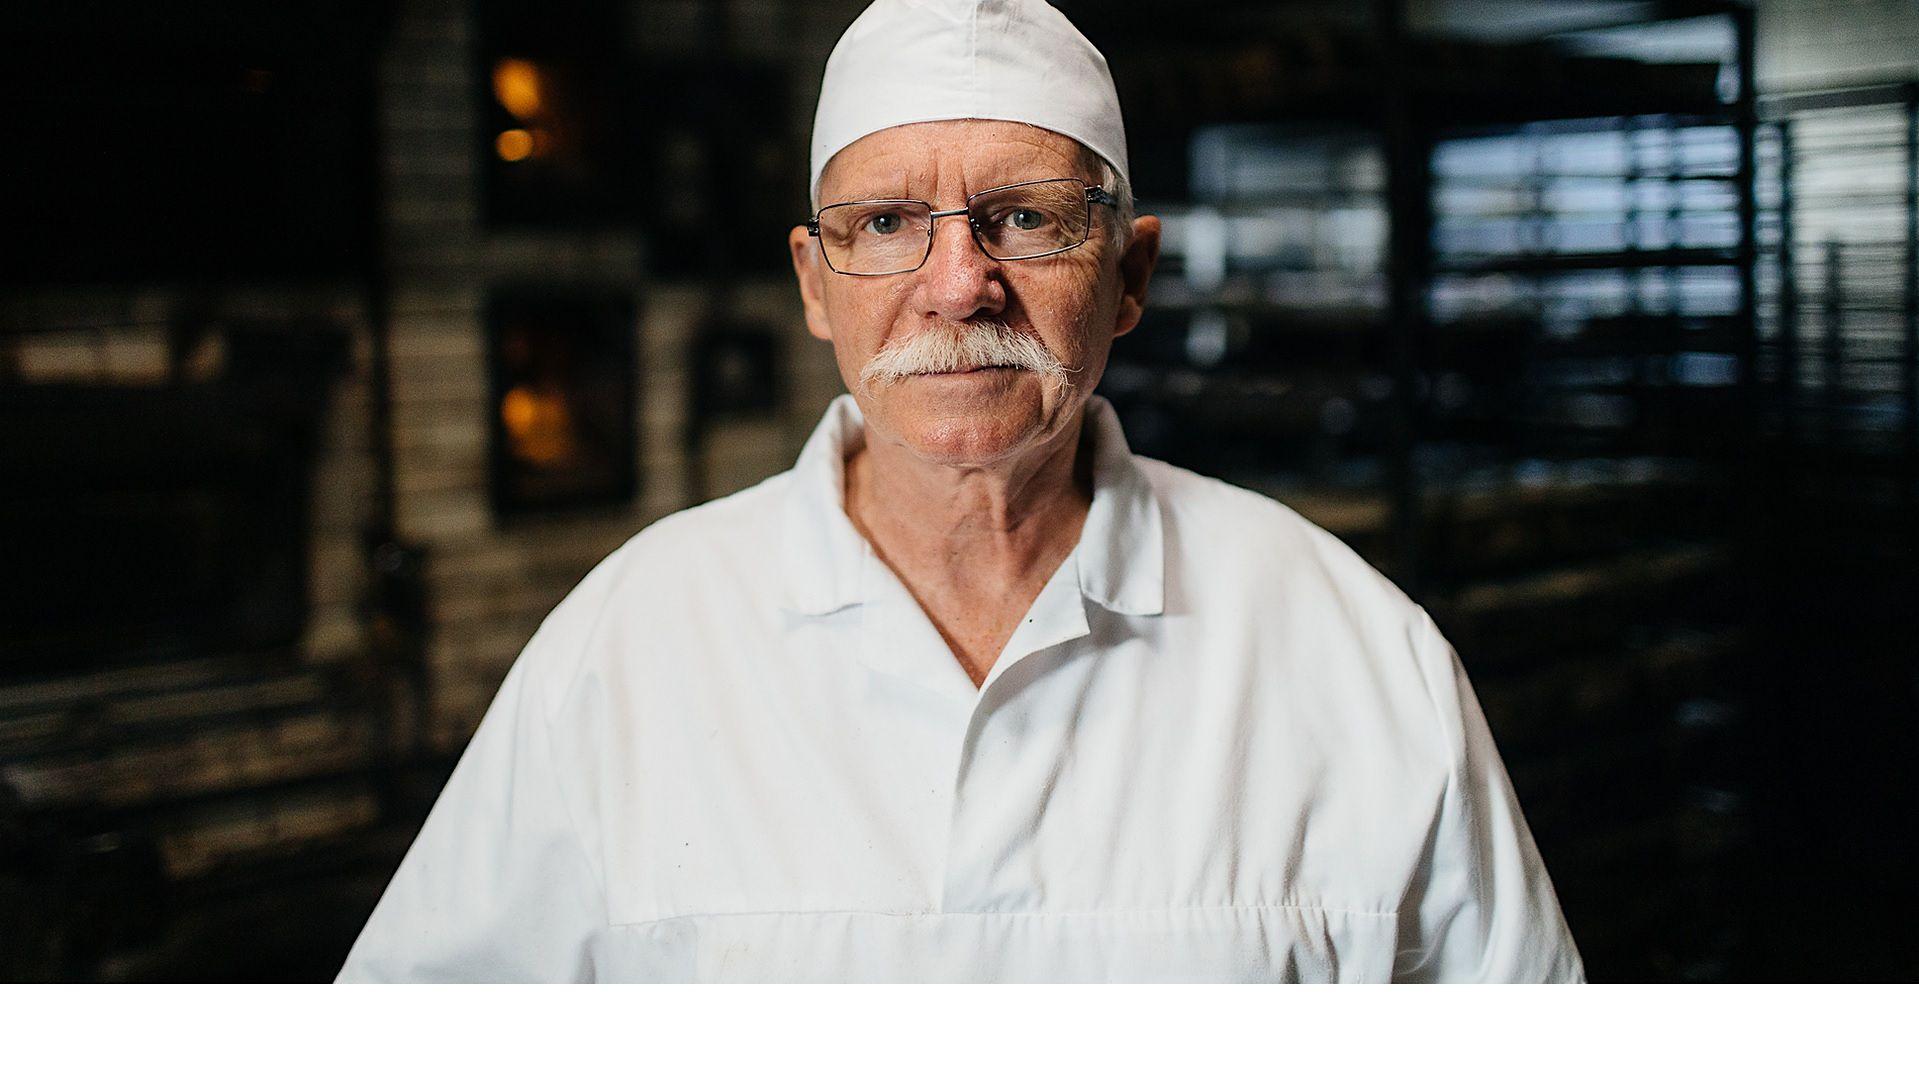 Piekarnia pana Roberta powstała kilkadziesiąt lat temu. Kiedyś właścicielem był jego ojciec, teraz interes należy do niego.